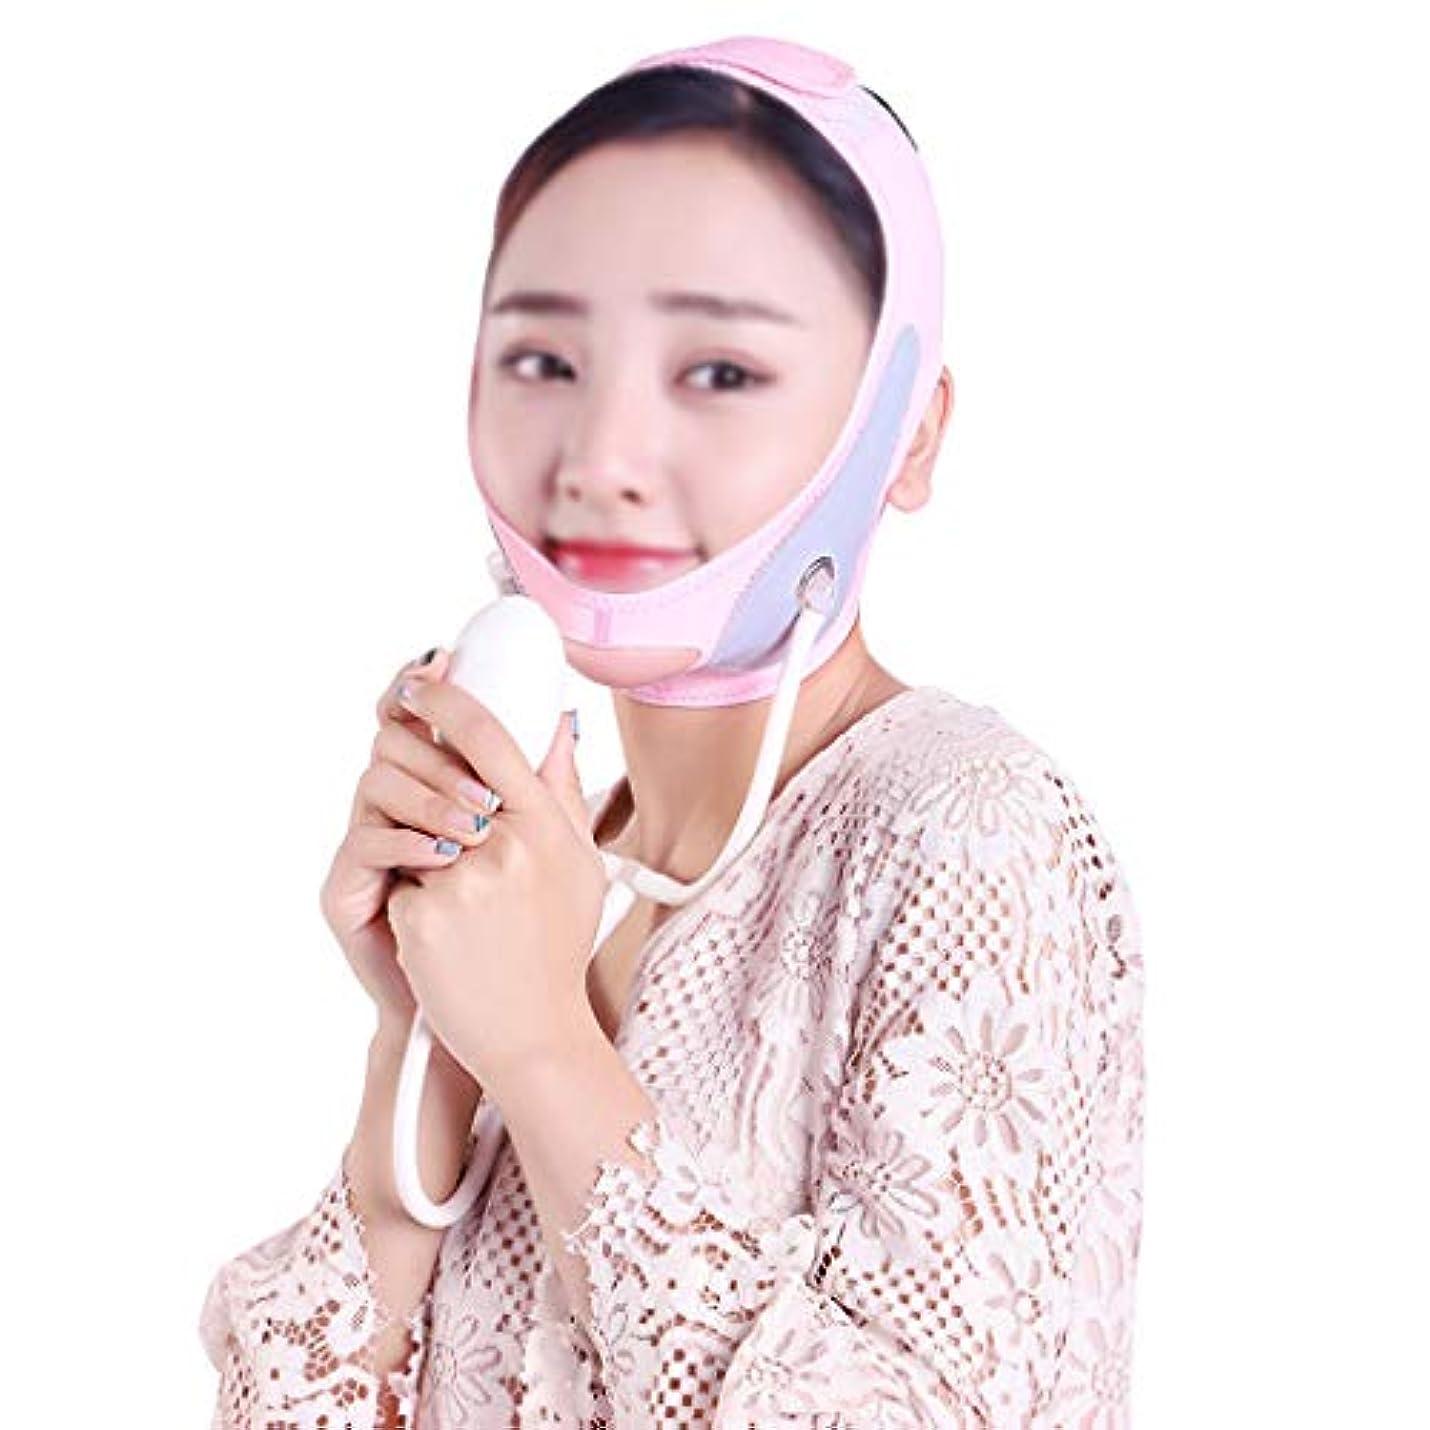 処方不機嫌そうな声を出してGLJJQMY 膨脹可能なマスクは小さいVの表面を作成するために皮の形づけおよび引き締めパターン/二重あごの包帯の人工物を高めます 顔用整形マスク